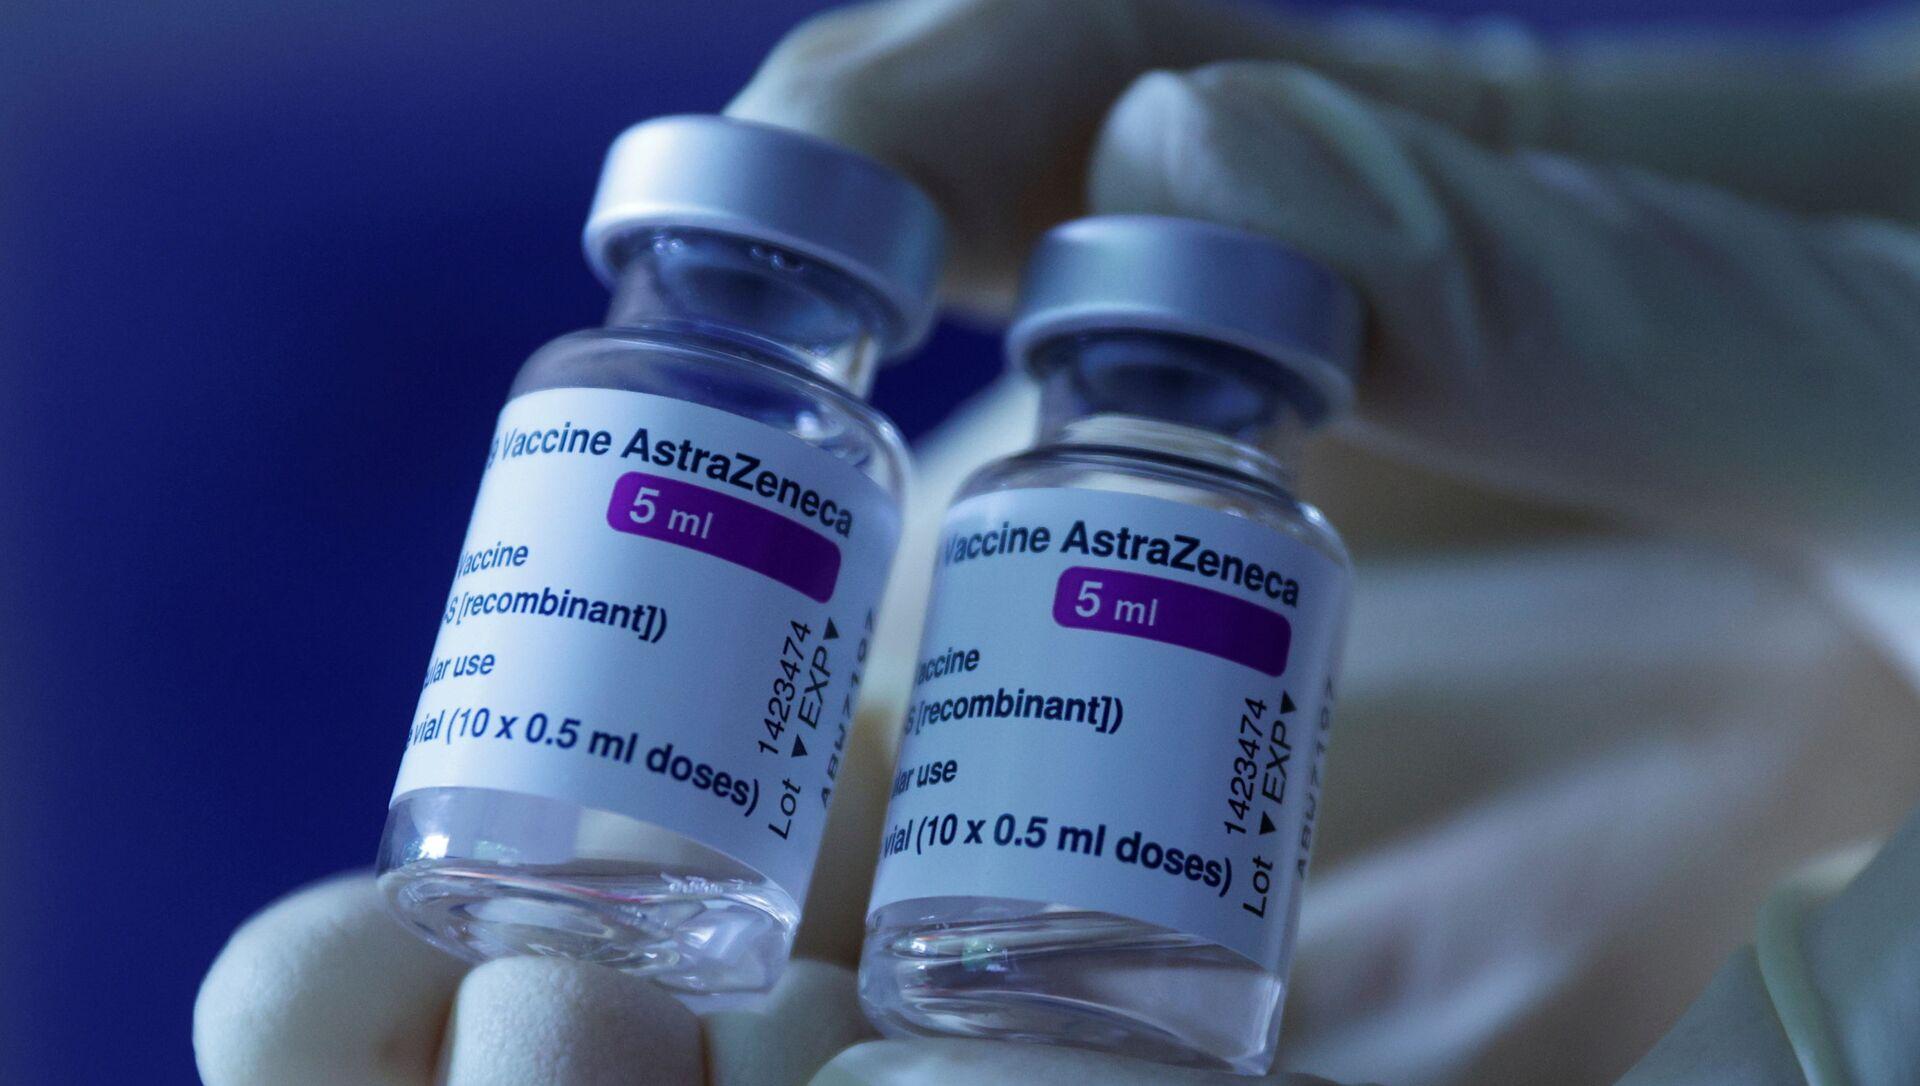 Vaccin d'AstraZeneca - Sputnik France, 1920, 14.08.2021